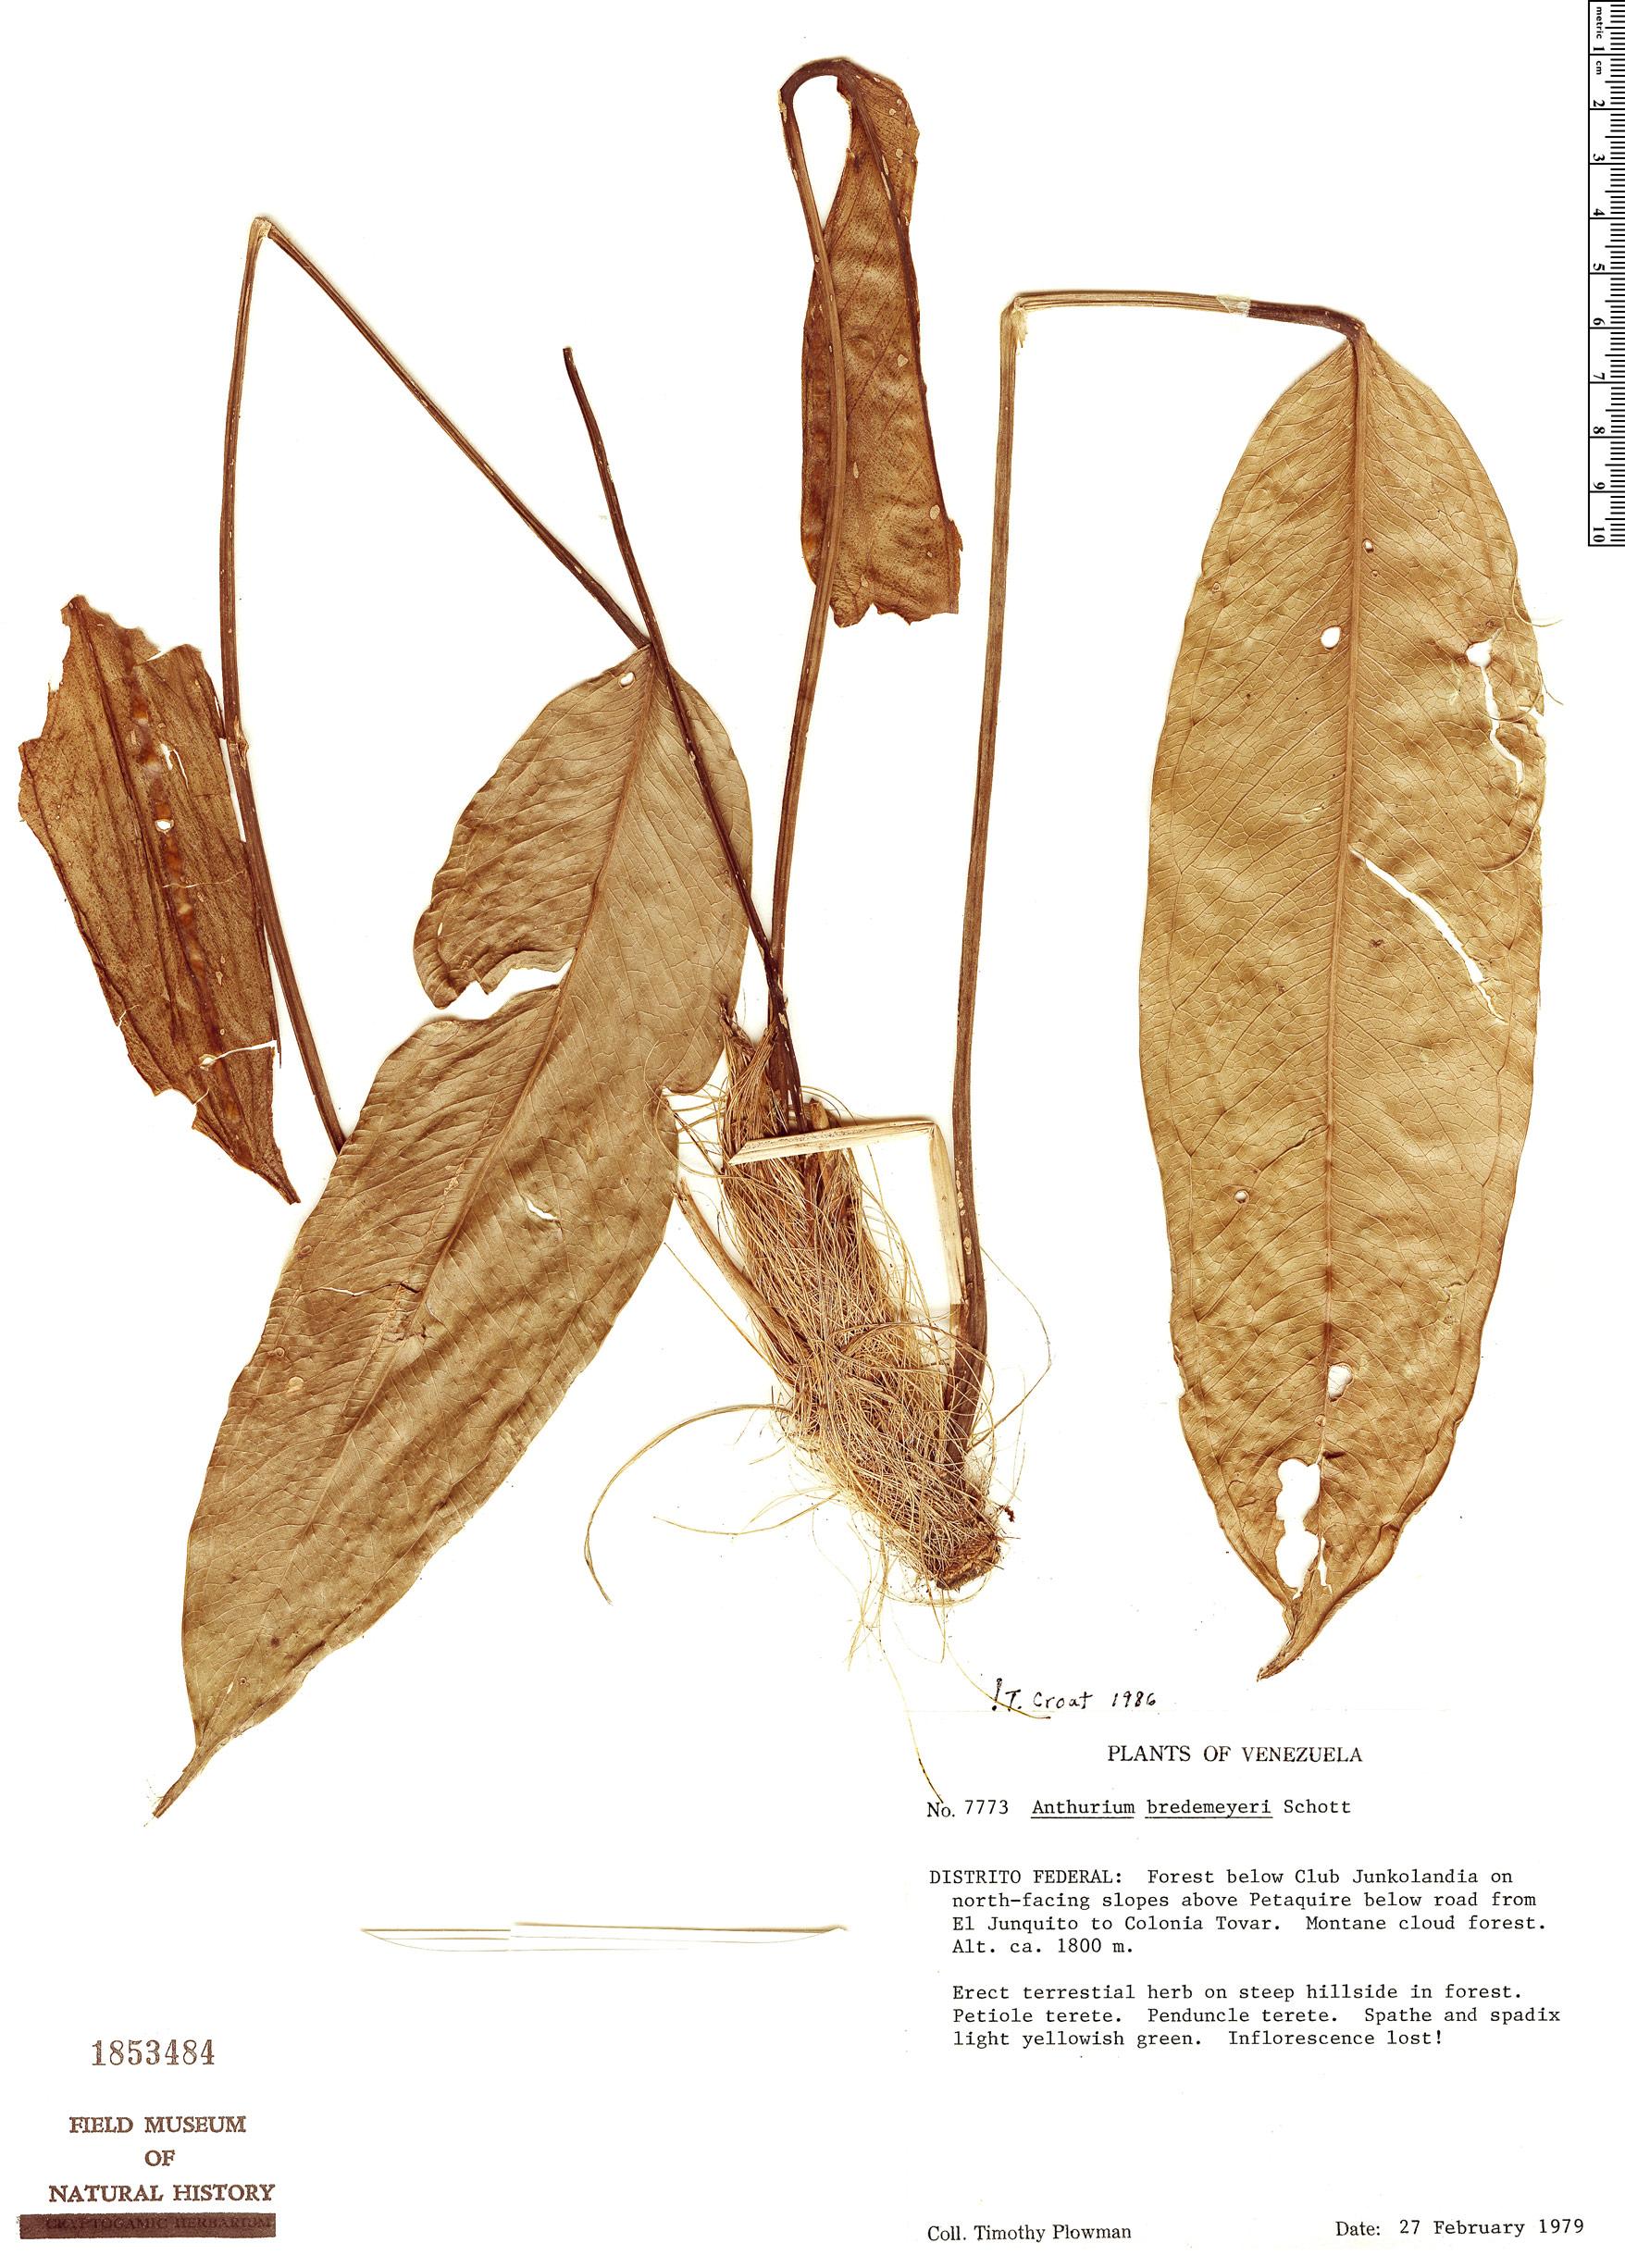 Specimen: Anthurium bredemeyeri